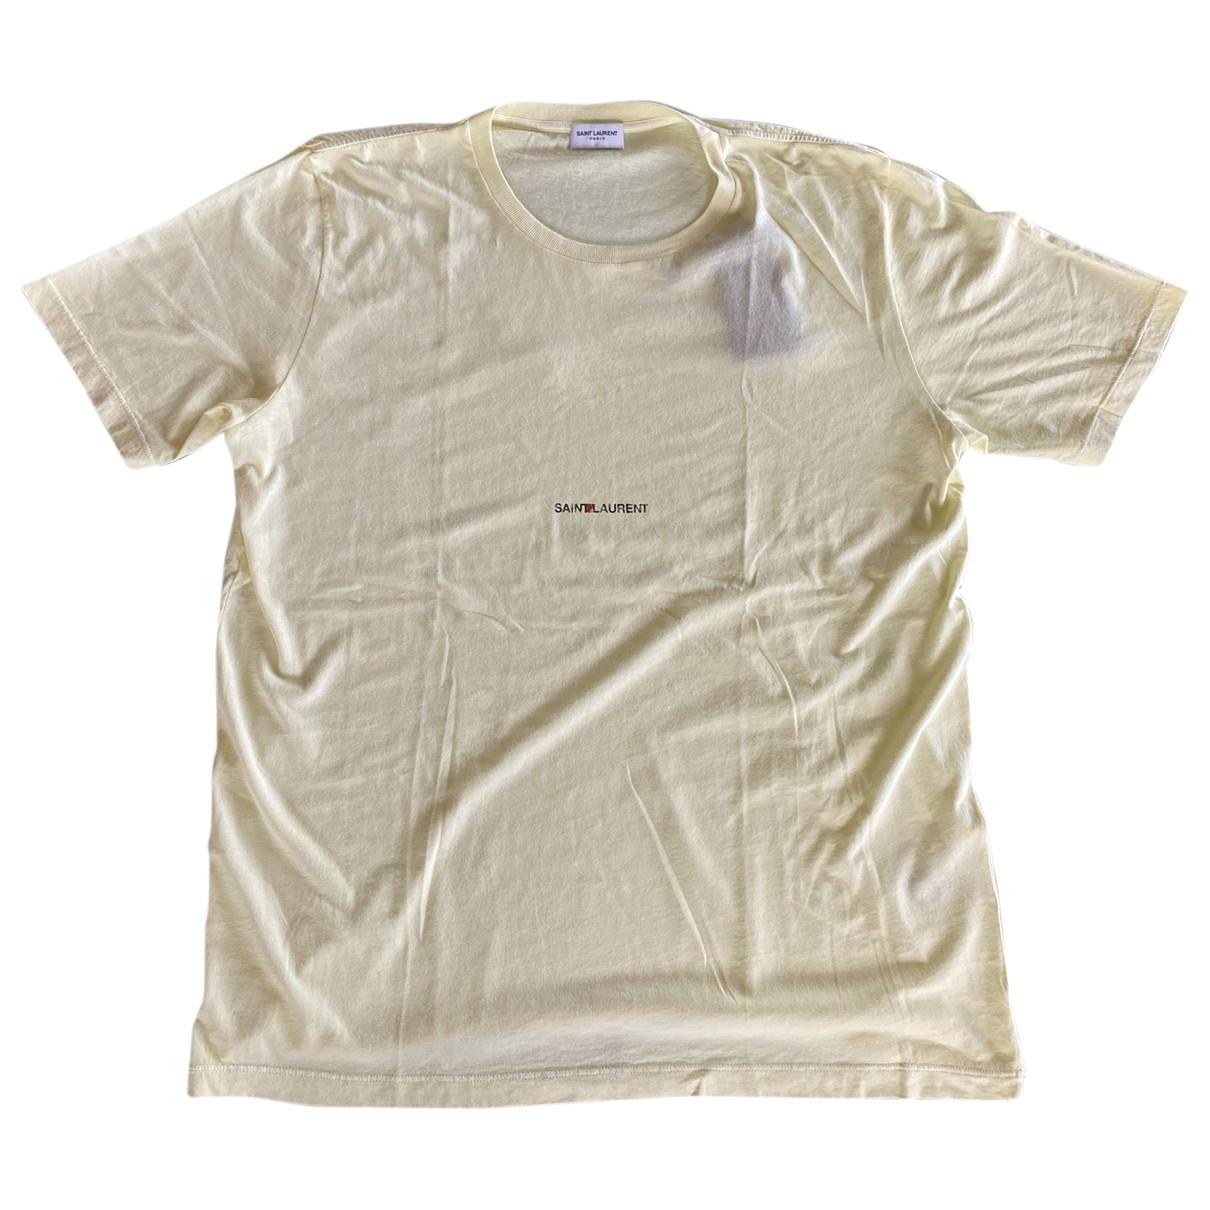 Saint Laurent - Tee shirts   pour homme en coton - jaune